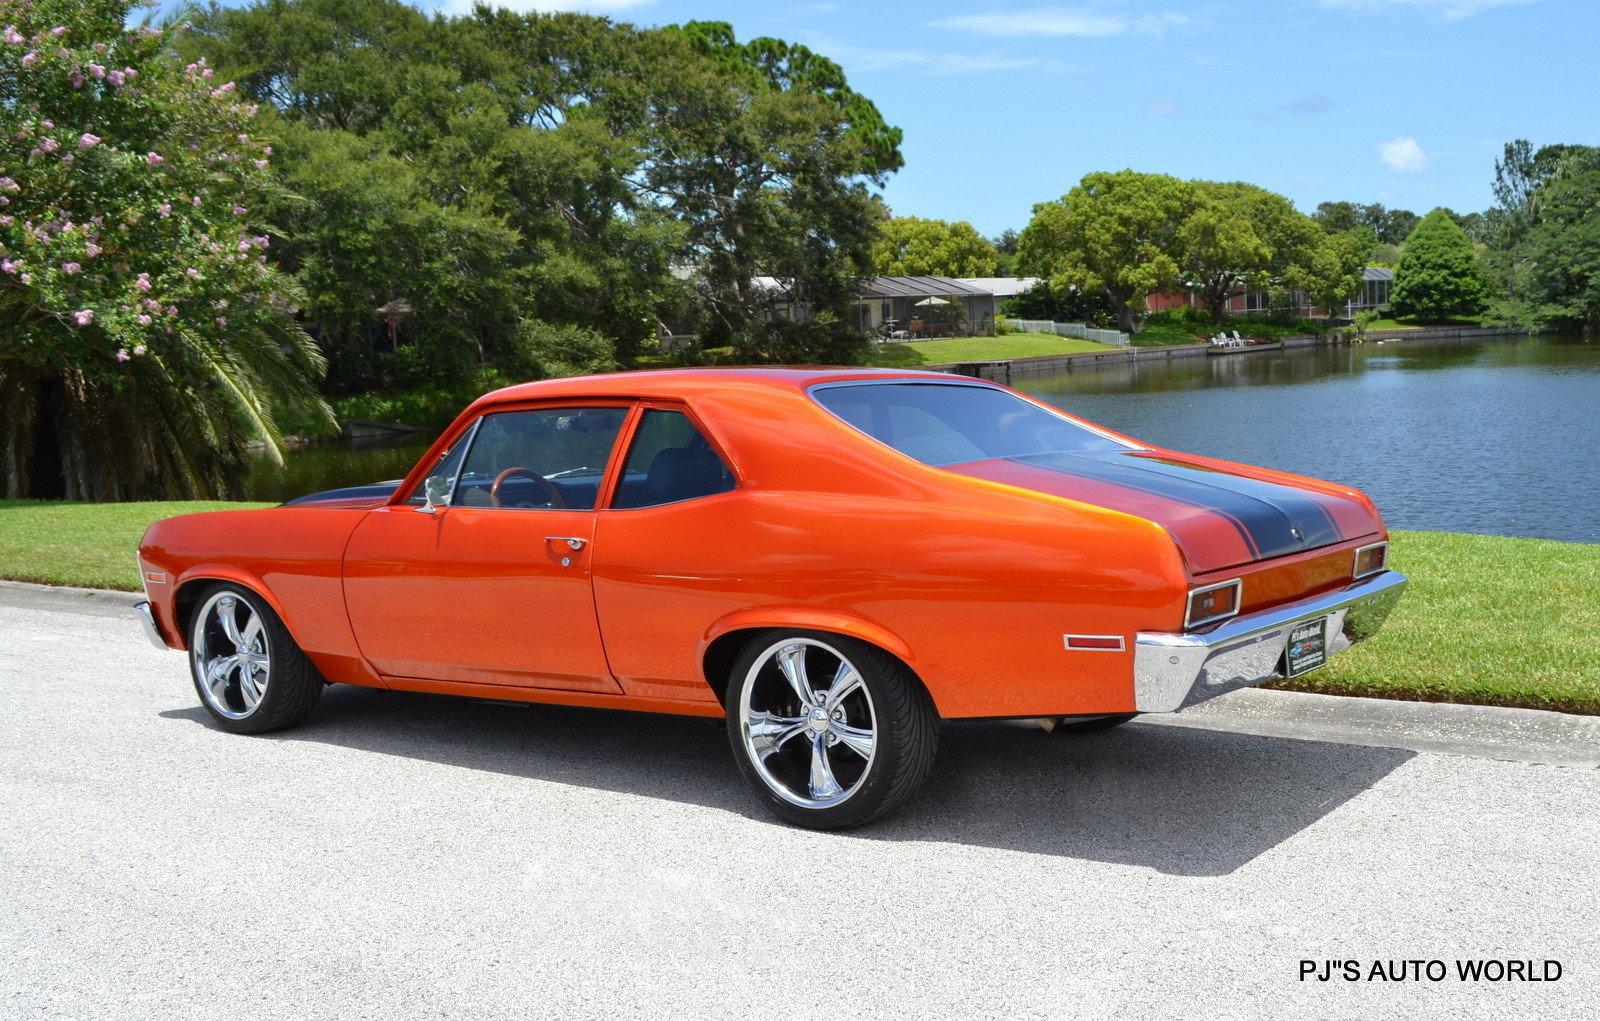 1972 Chevrolet Nova Pj S Autoworld